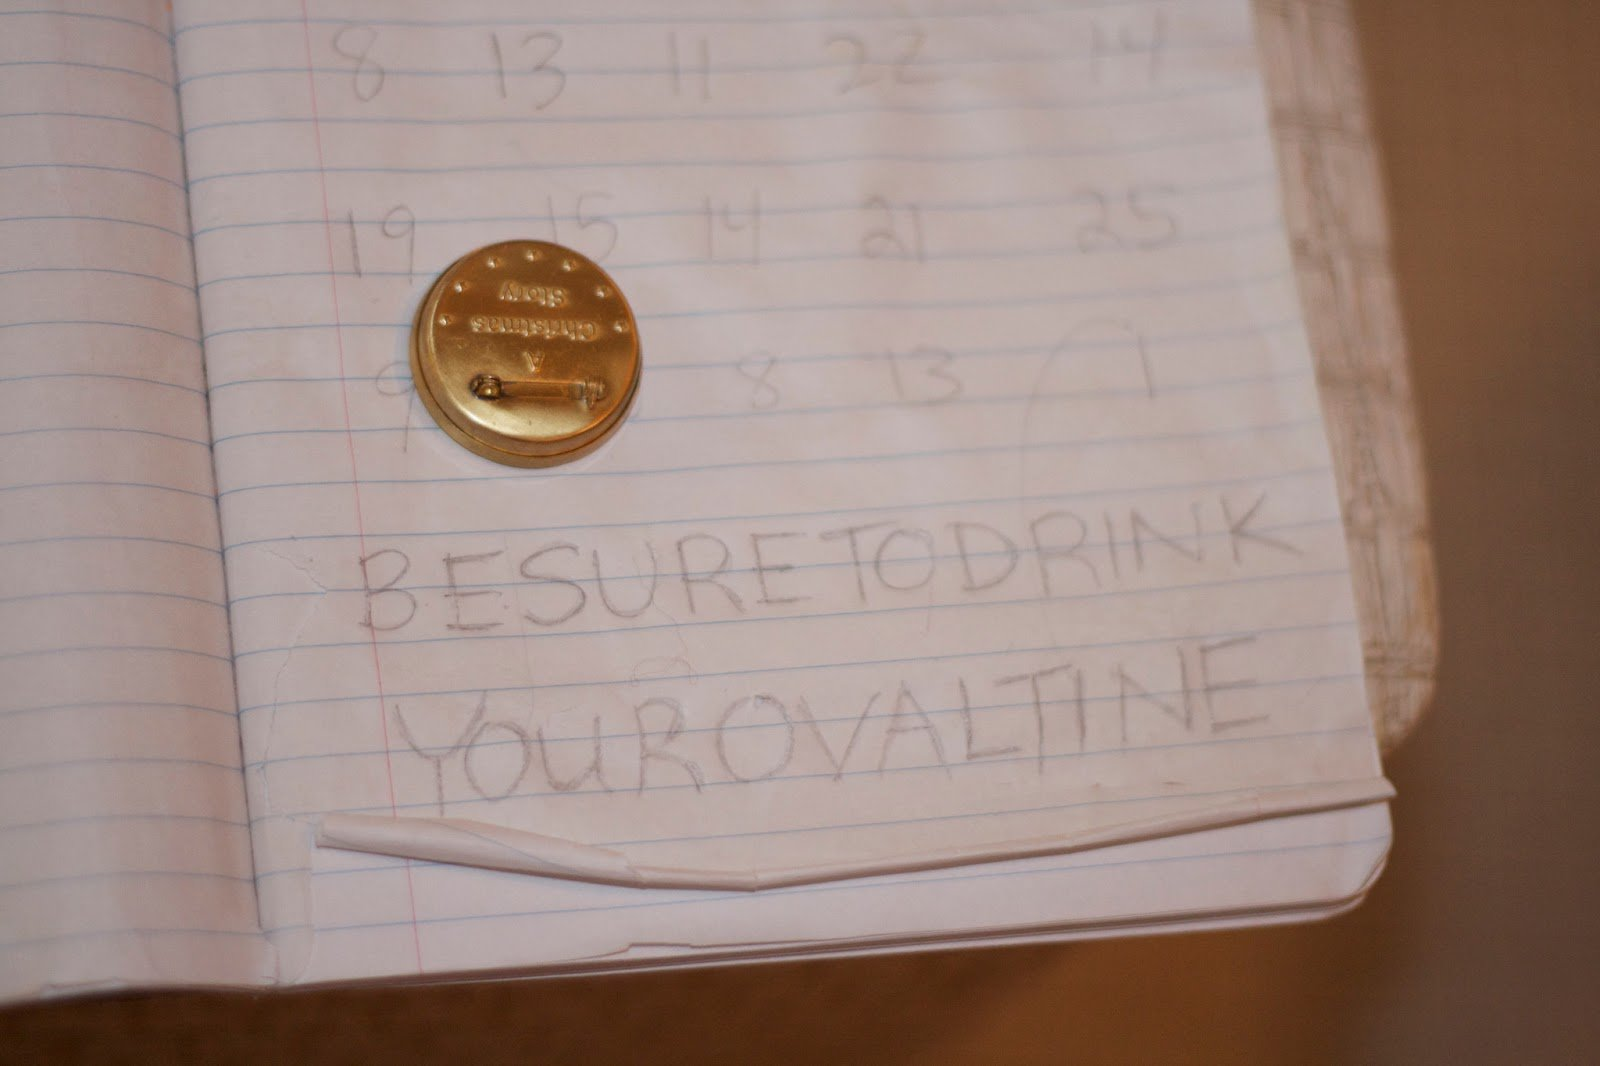 Zodiac Killer Drink Your Ovaltine